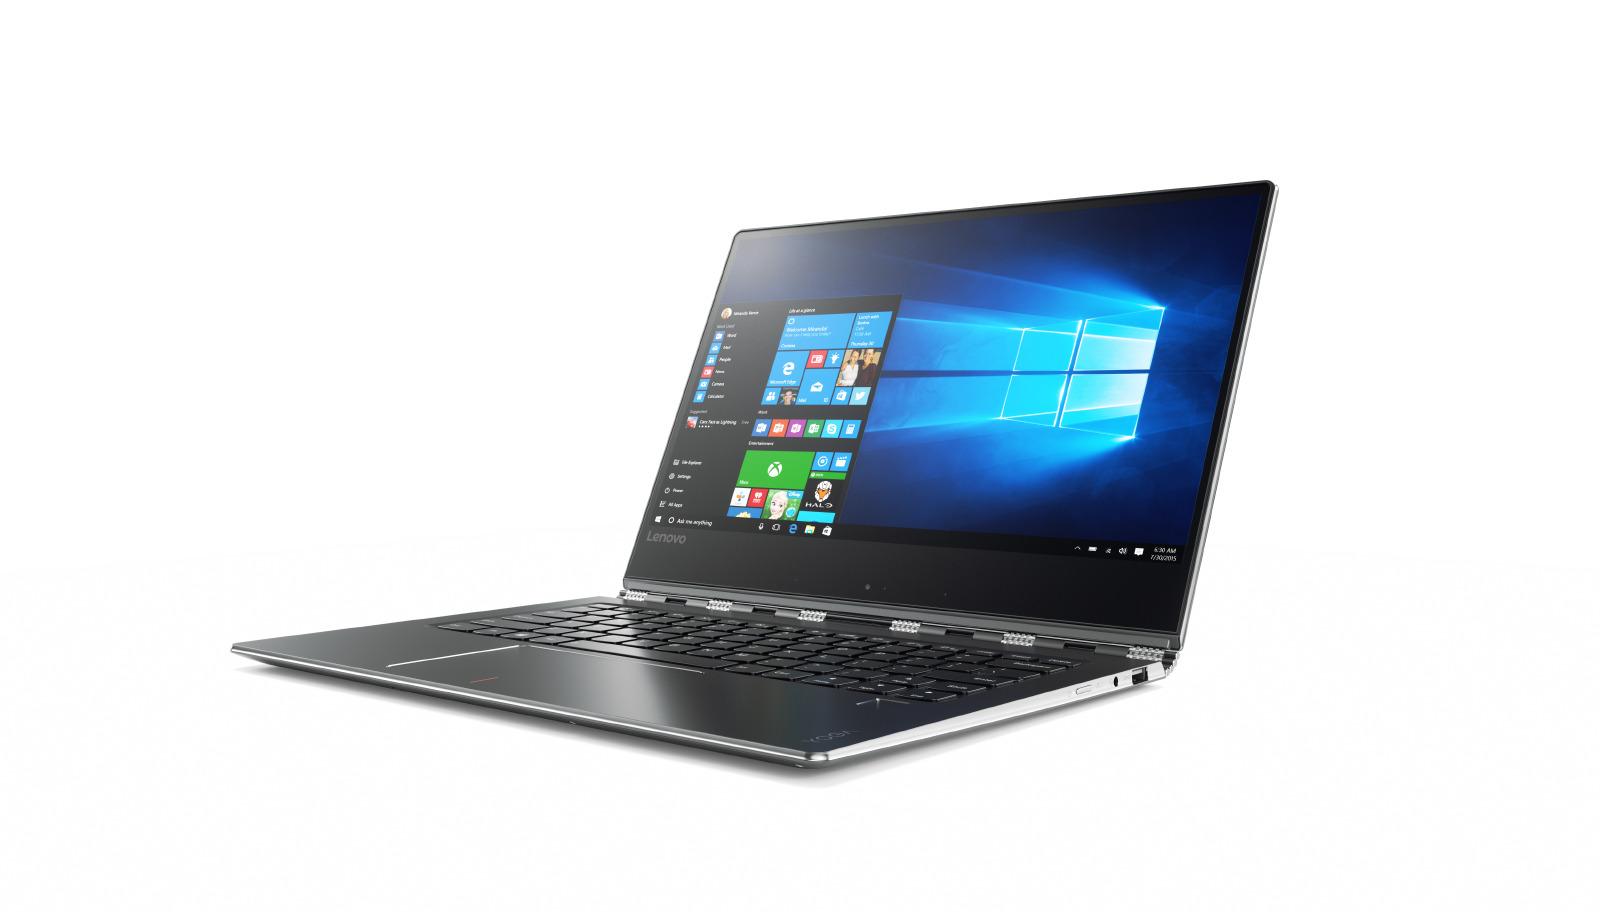 Lenovo IdeaPad YOGA 910-13 IKB 13.9 FHD IPS M Touch/i7-7500U/8G/512SSD/INT/W10P/Backlit/720p/Metal